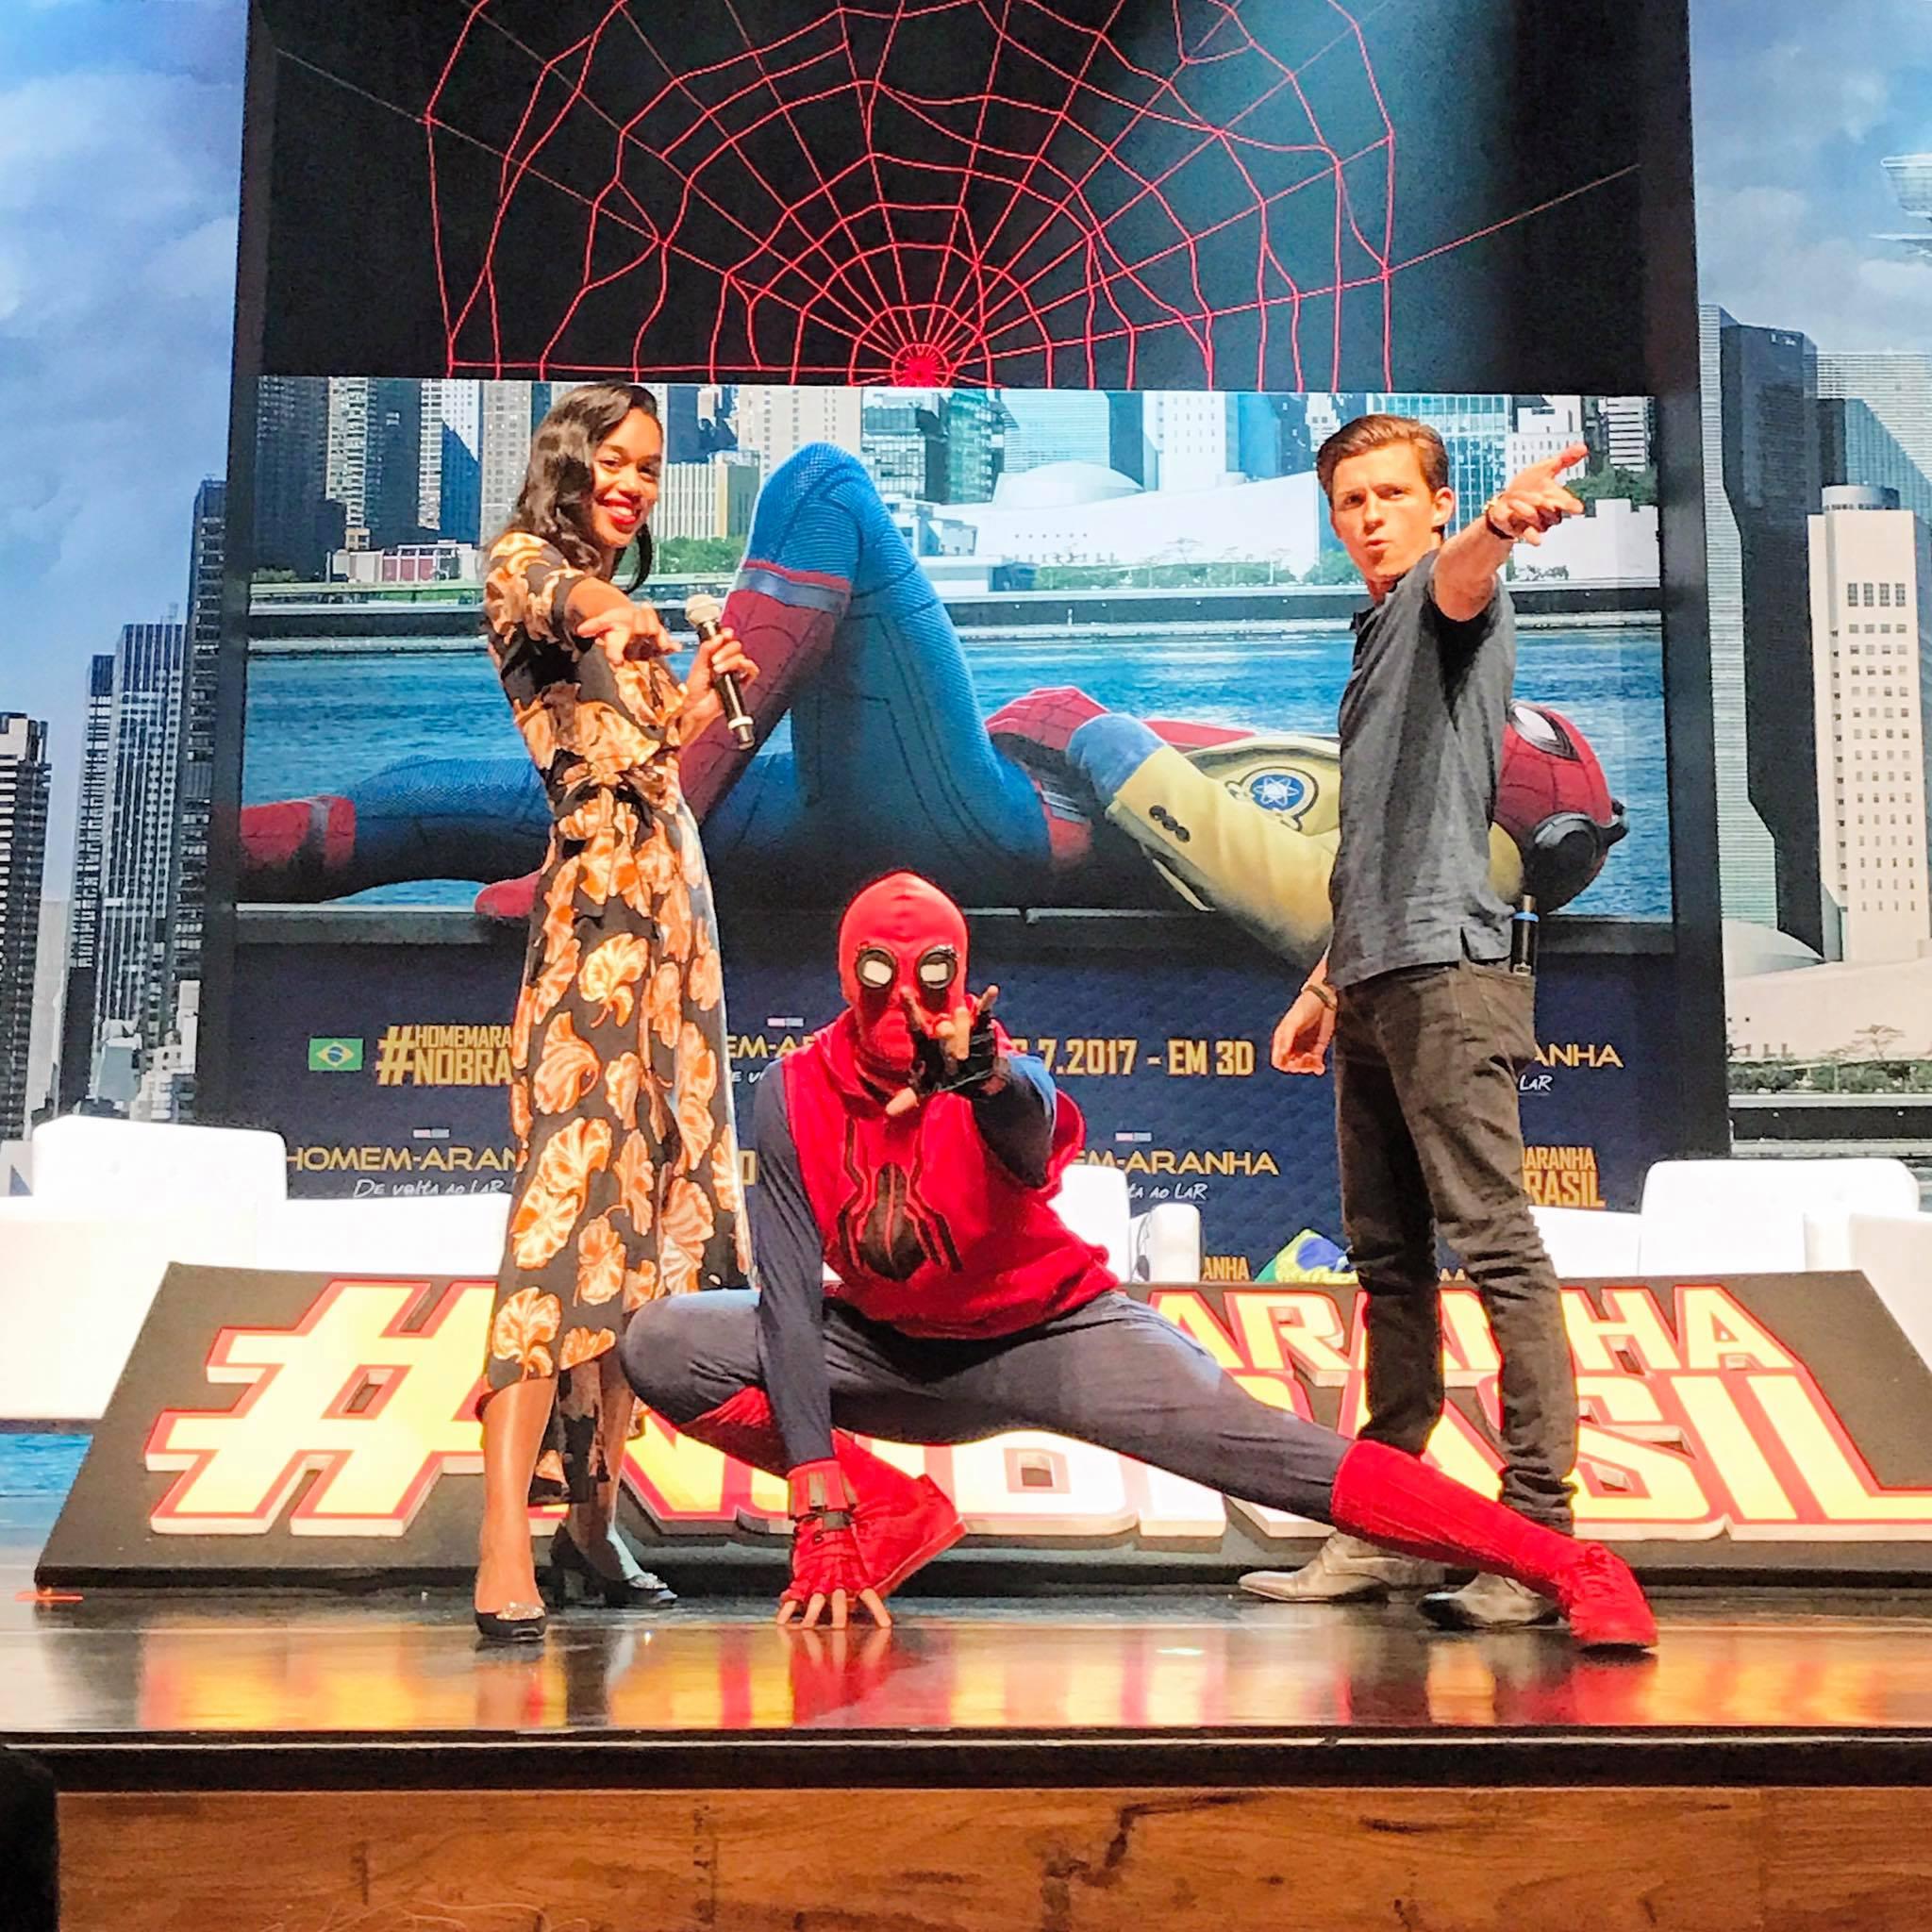 Assista ao trailer do novo filme do Homem-Aranha